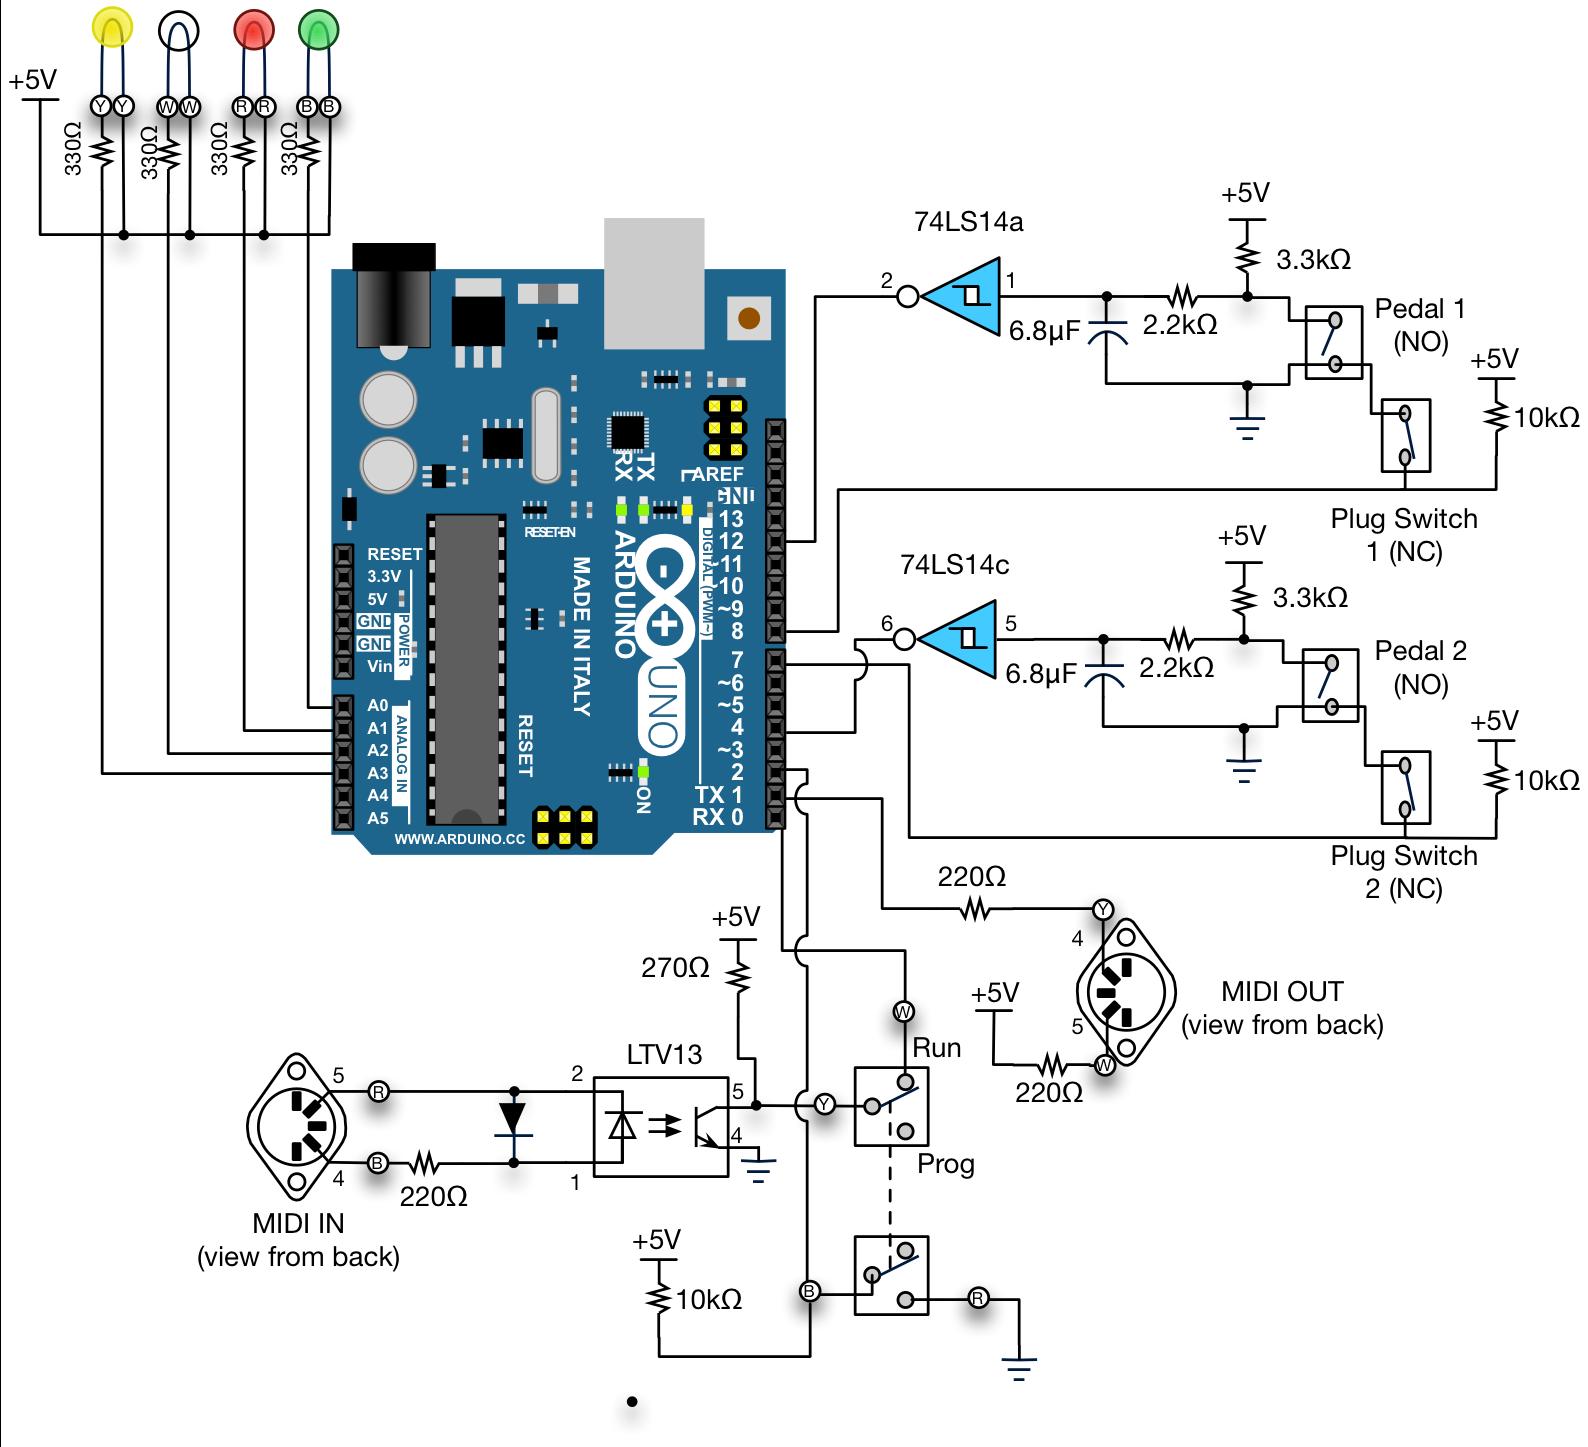 Progressive Odyssey: MIDI Controller